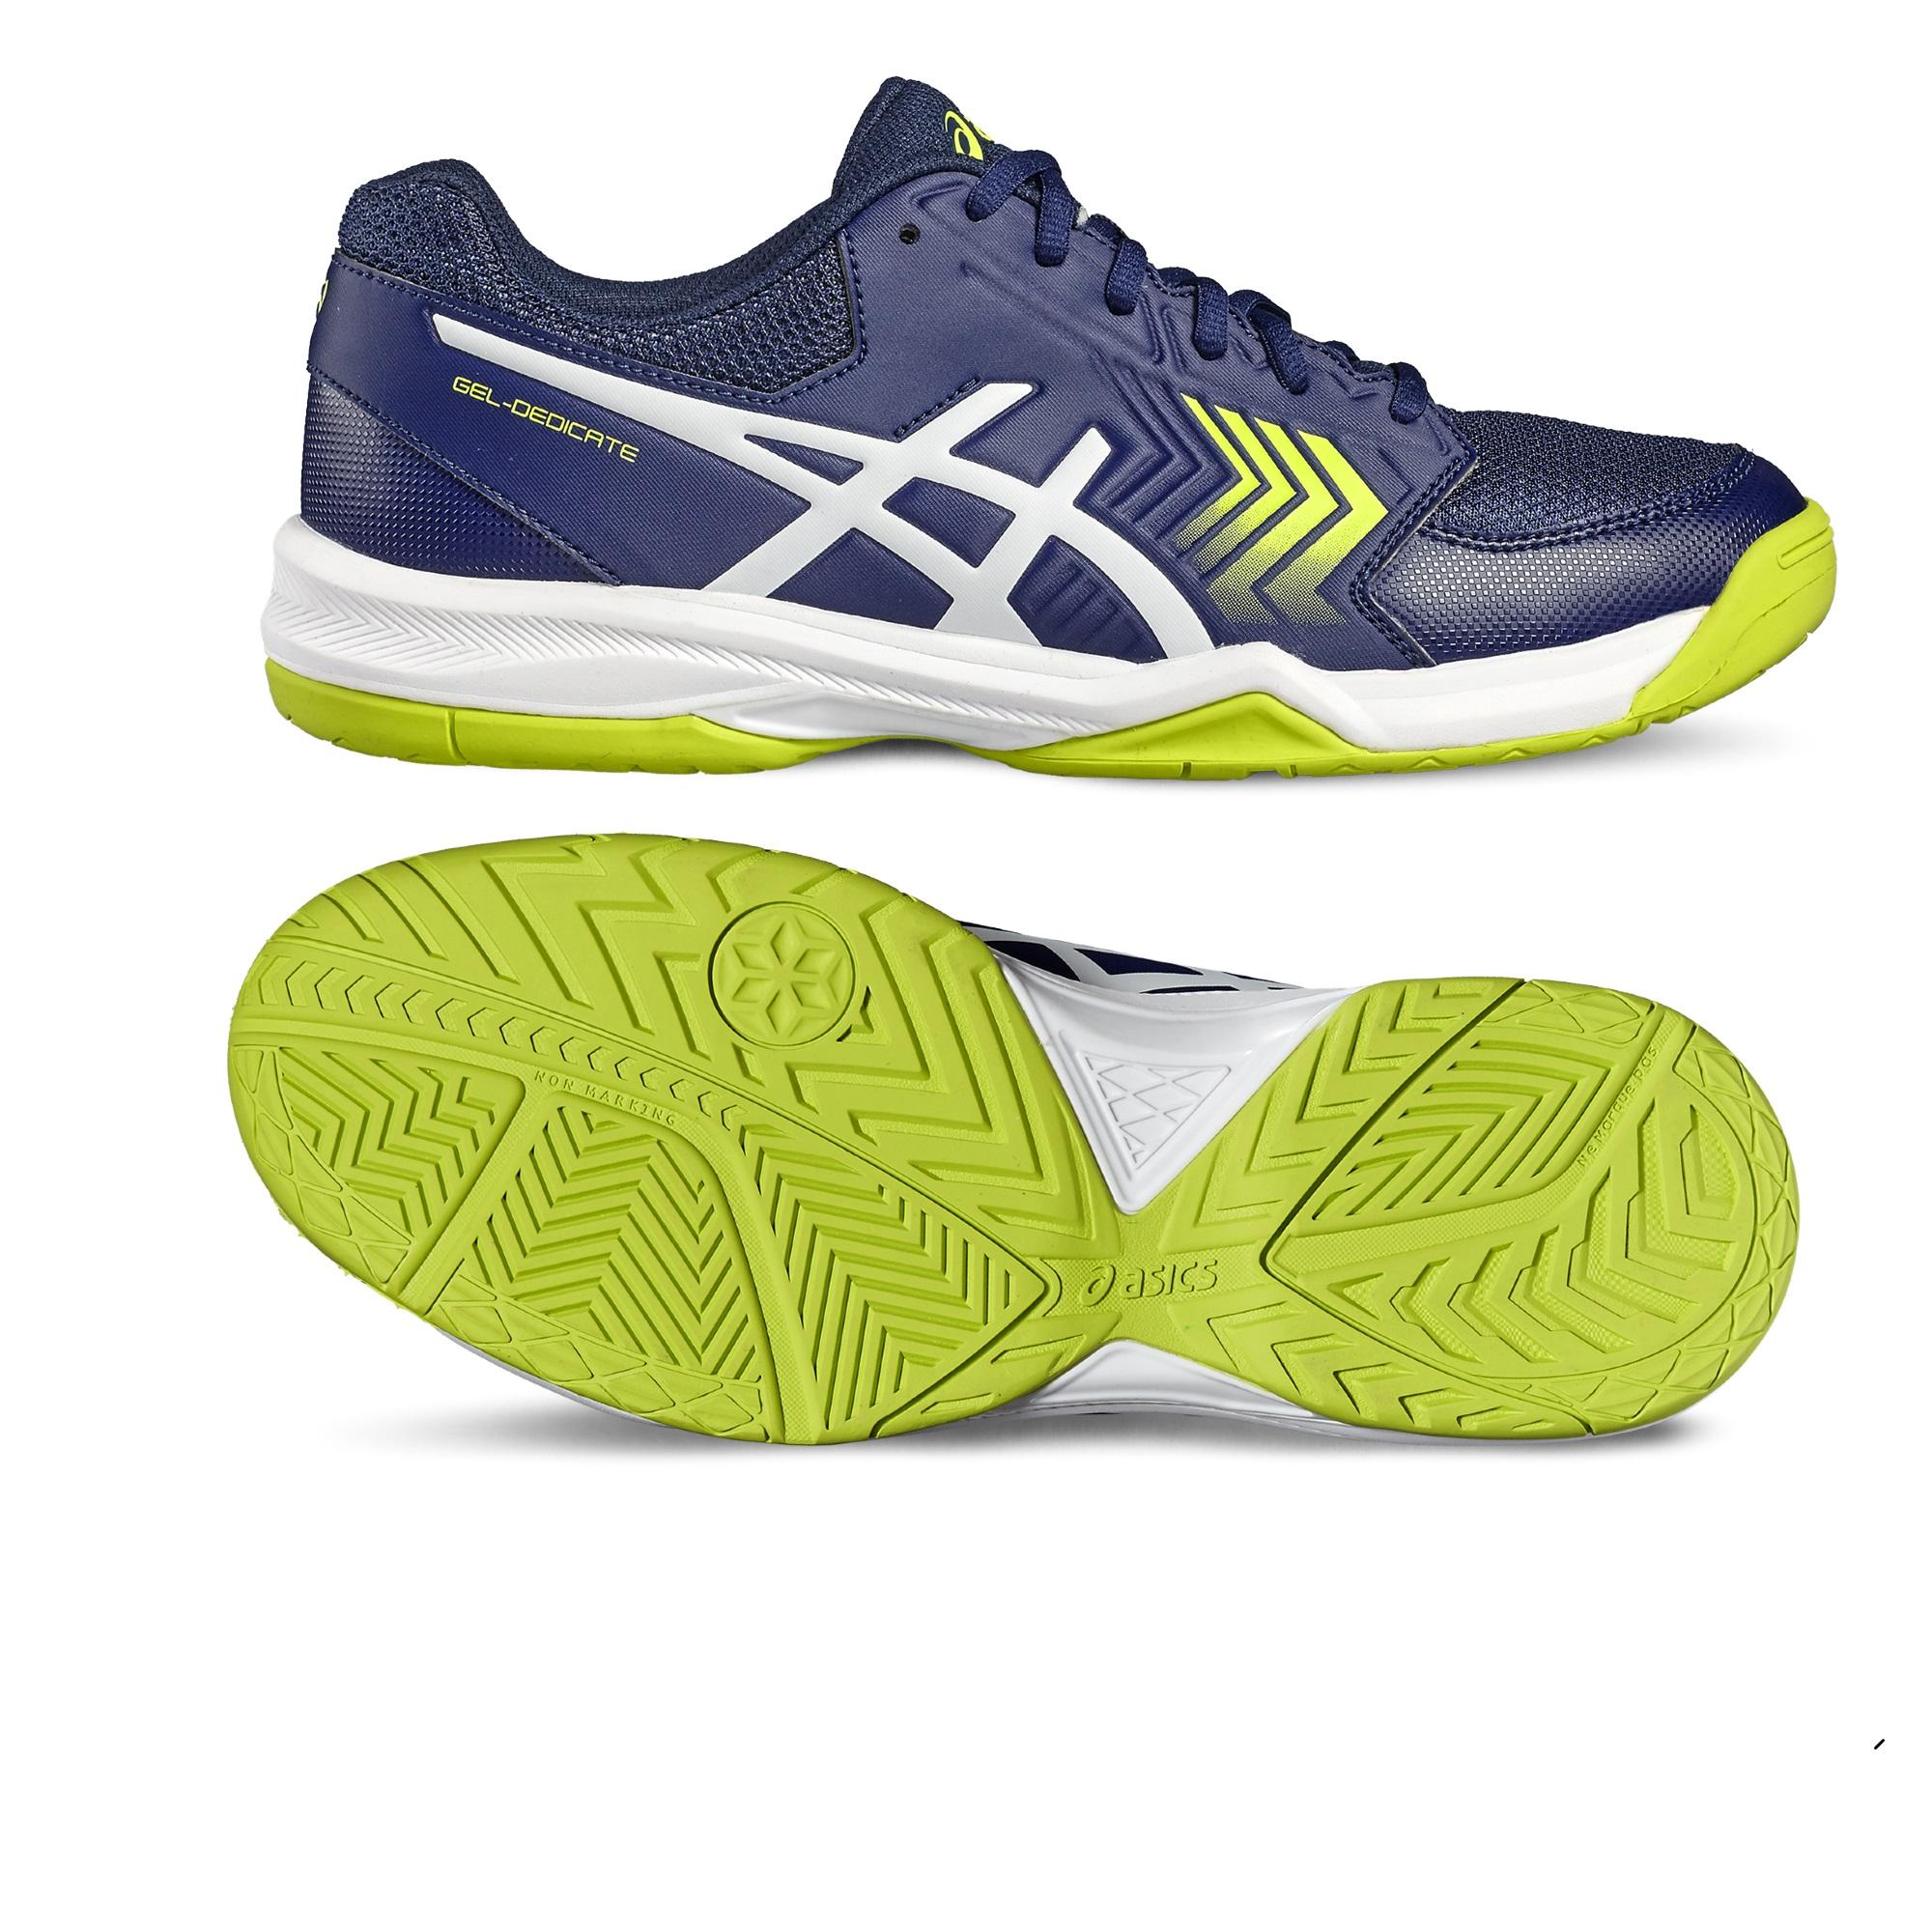 Asics GelDedicate 5 Mens Tennis Shoes  BlueYellow 11.5 UK